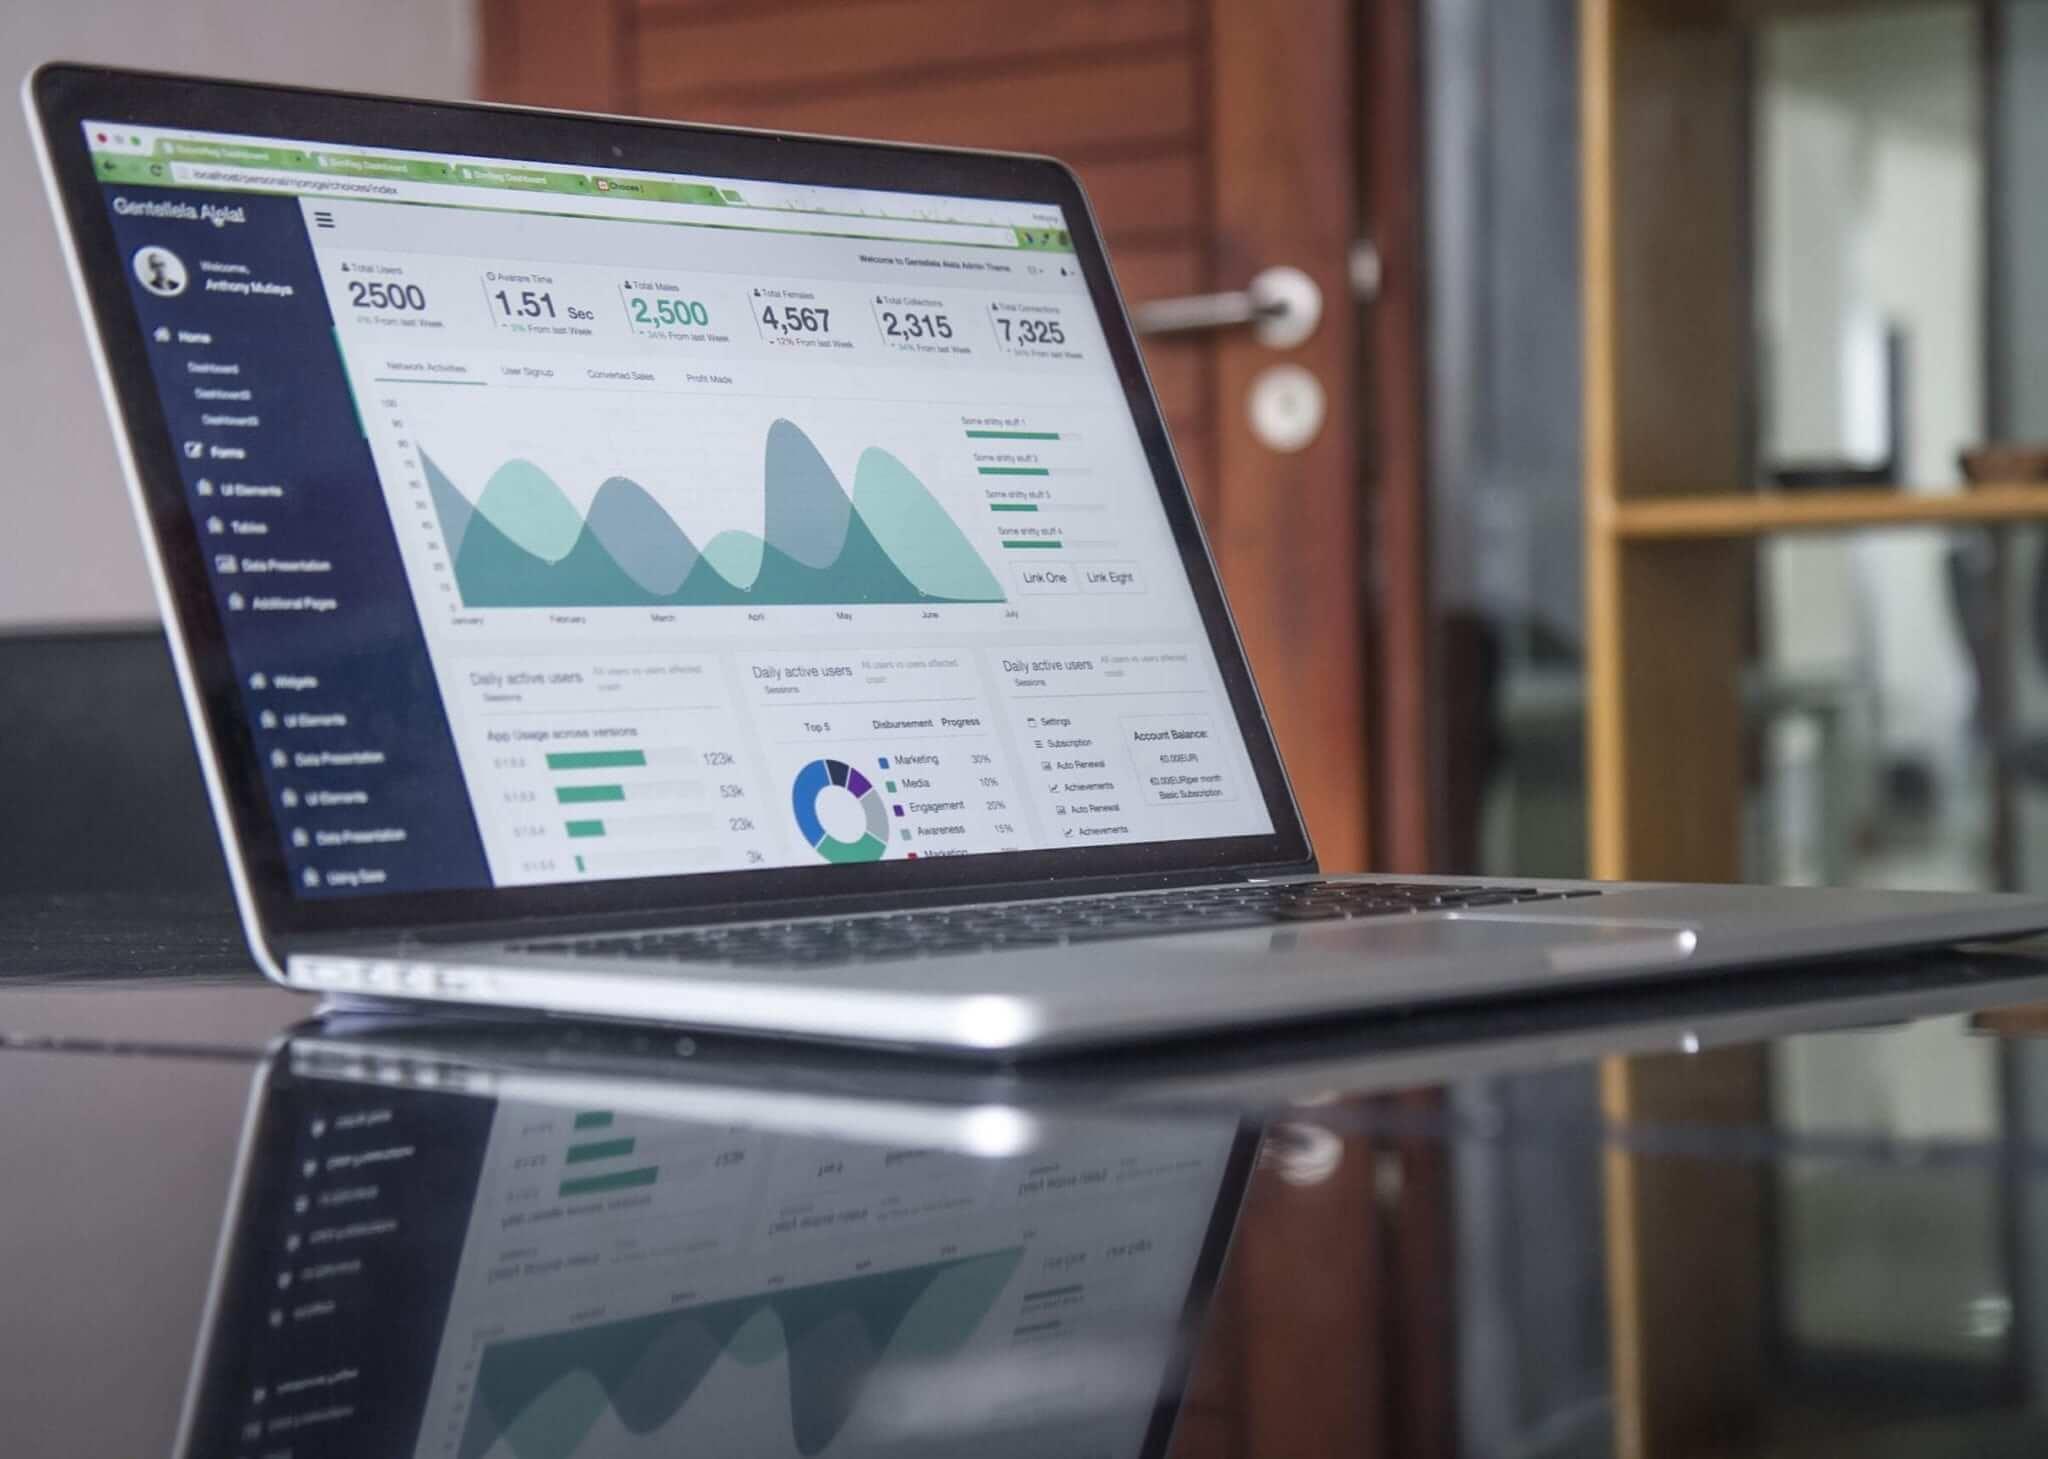 marketing dashboard tips